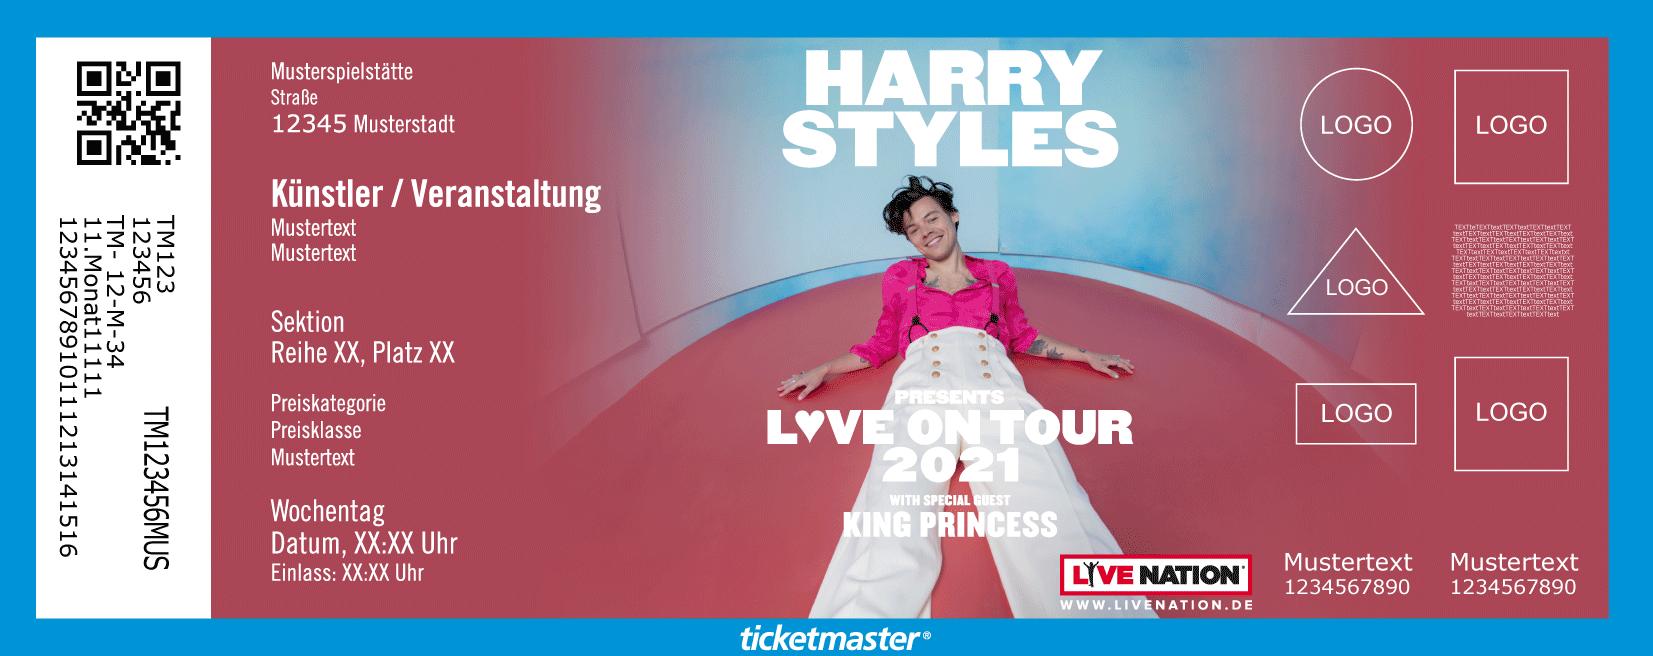 Harry Styles Tour 2020.Harry Styles Tickets In Berlin On 2020 04 29